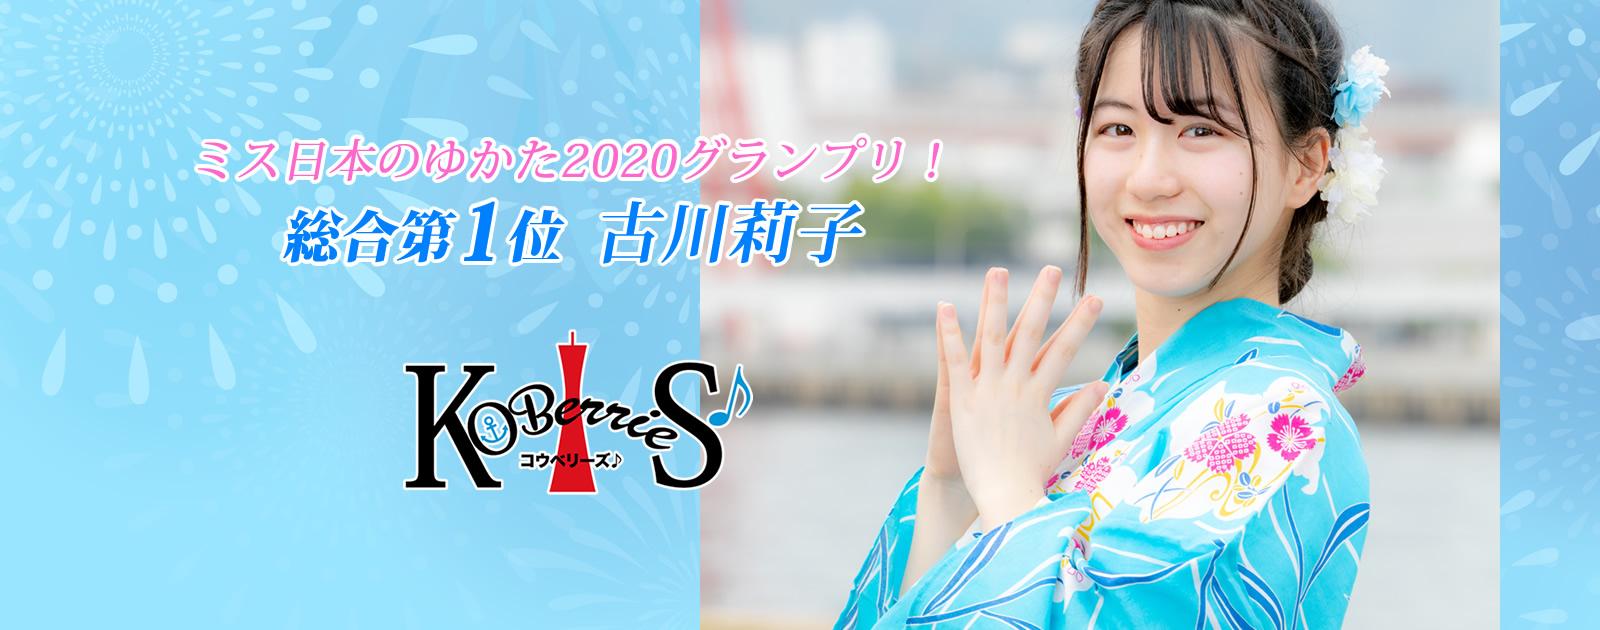 ミス日本のゆかた2020グランプリ!総合第1位 古川莉子